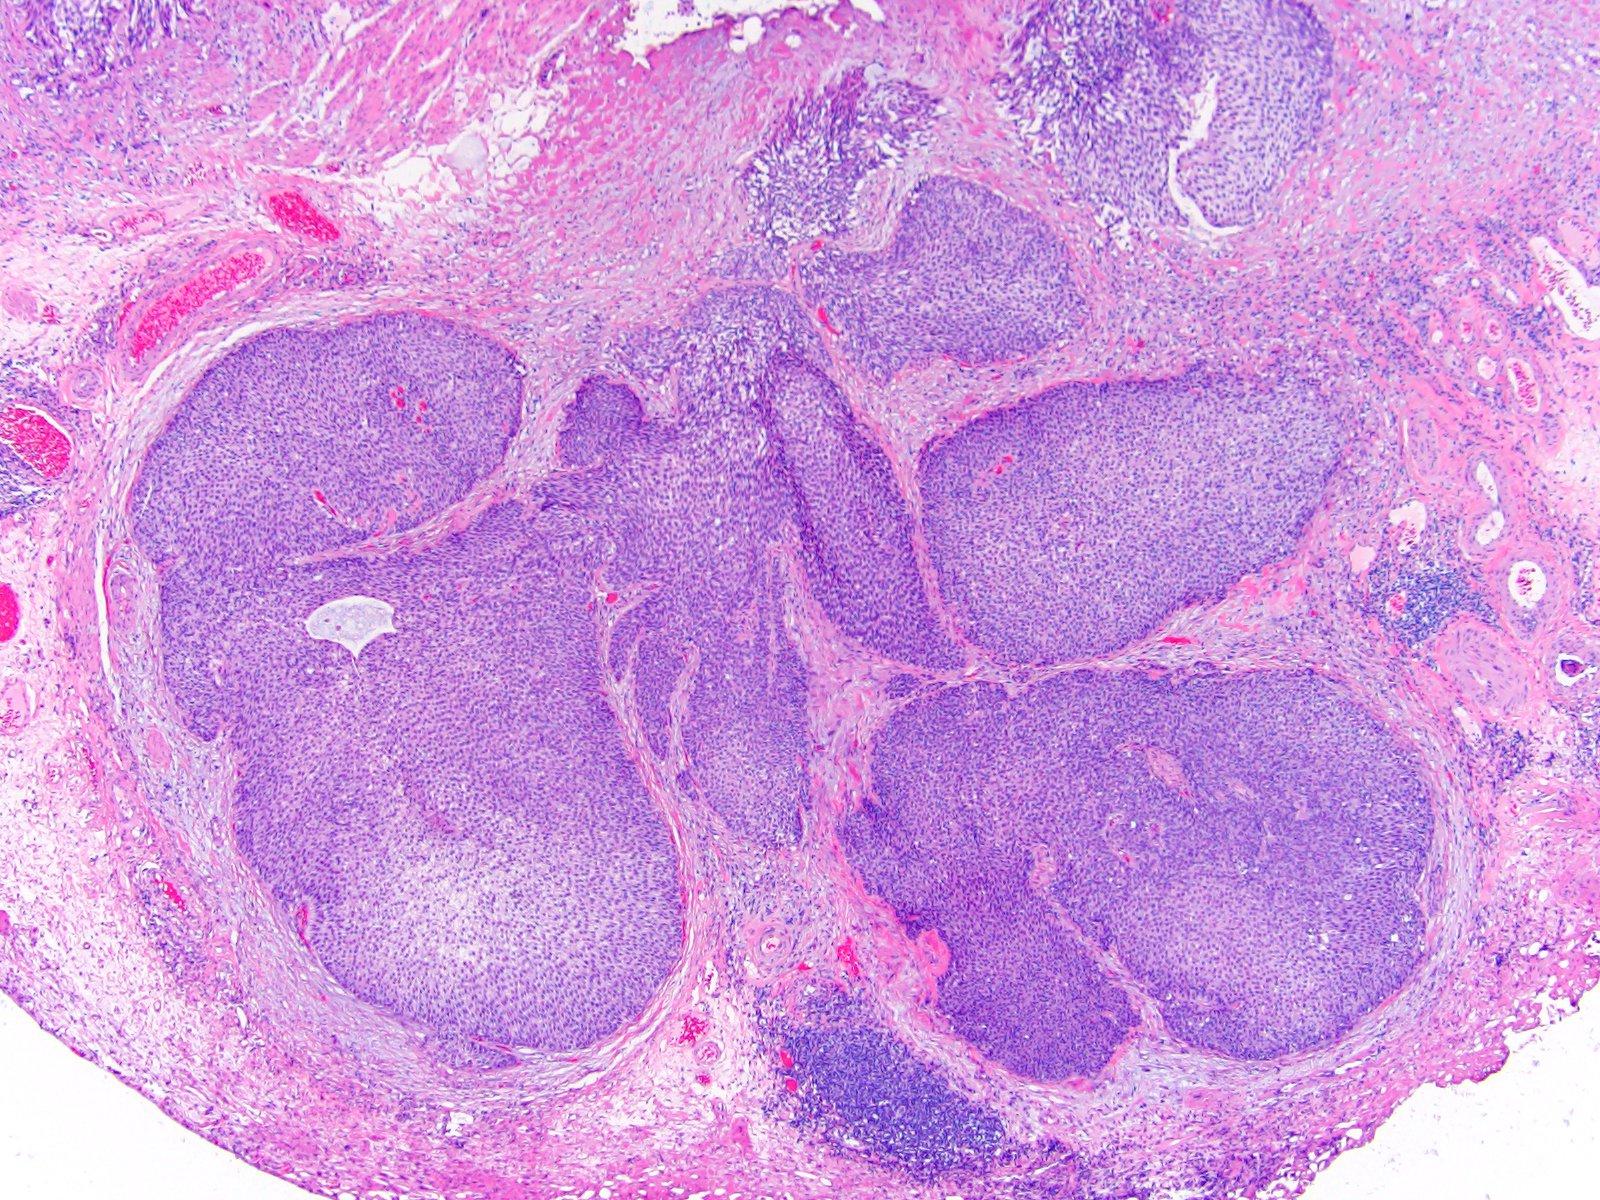 Large nested carcinoma